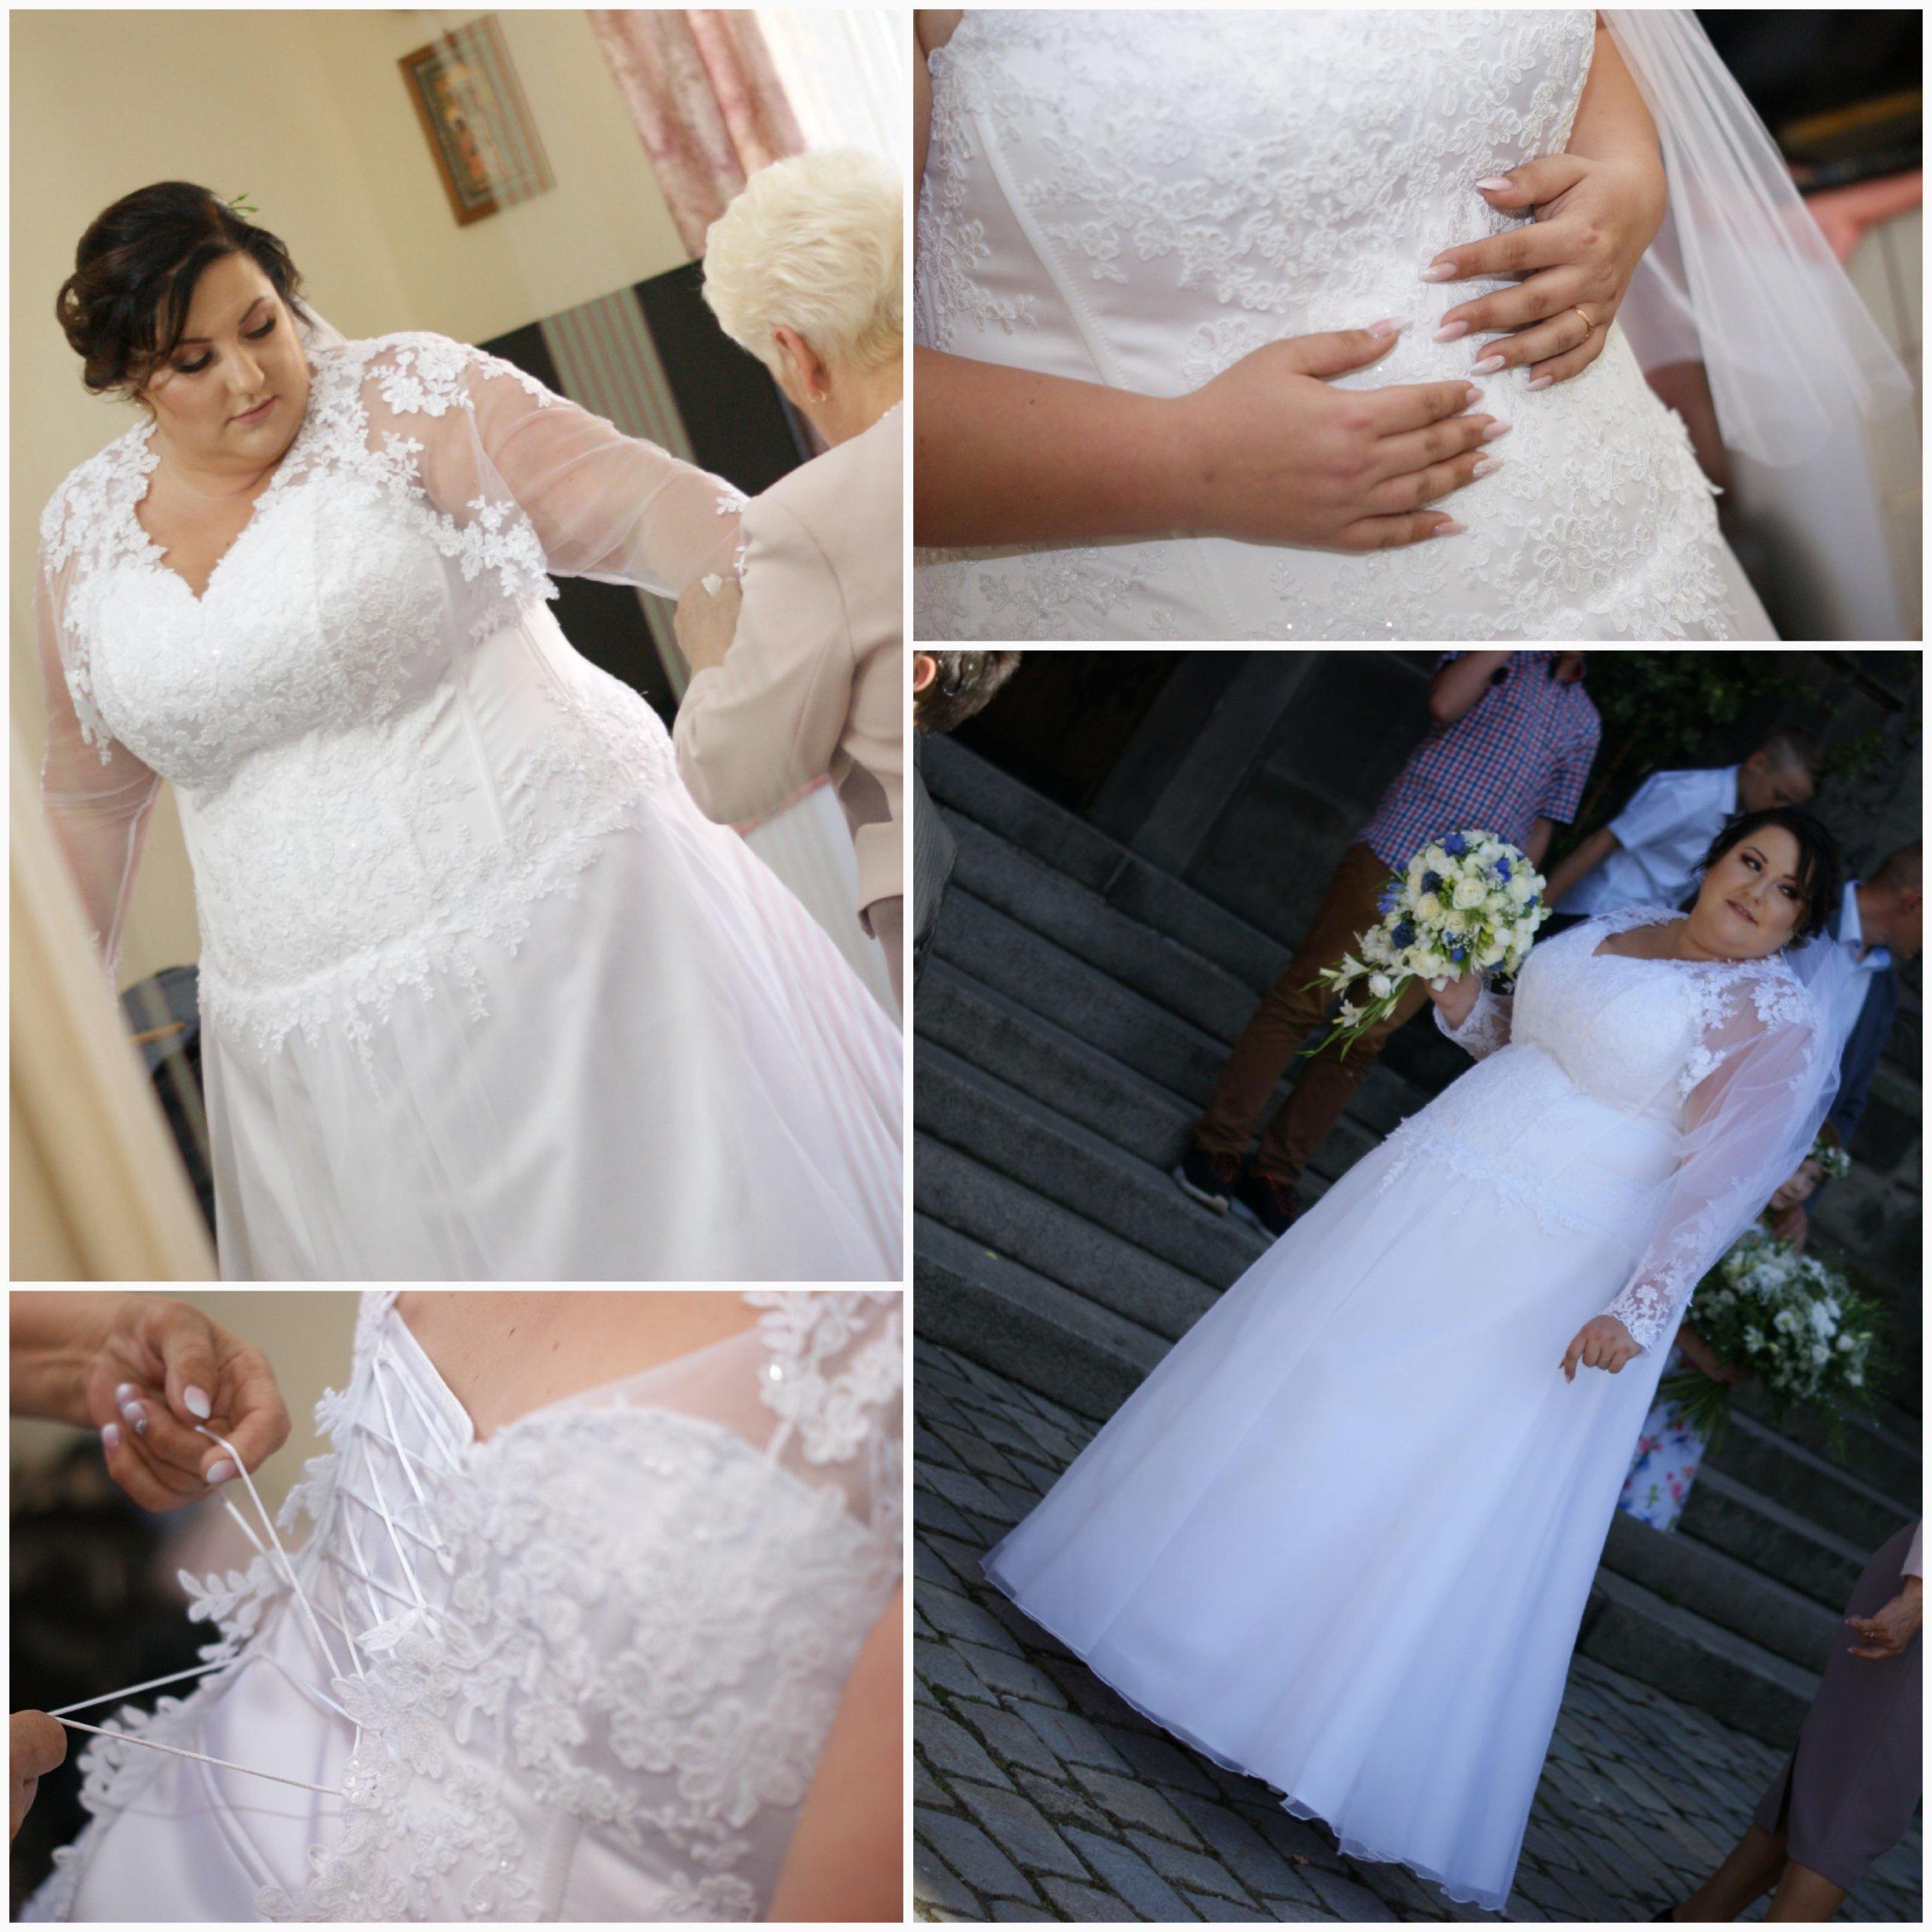 Suknia ślubna 48 54 Plus Size Xxl 7049723216 Oficjalne Archiwum